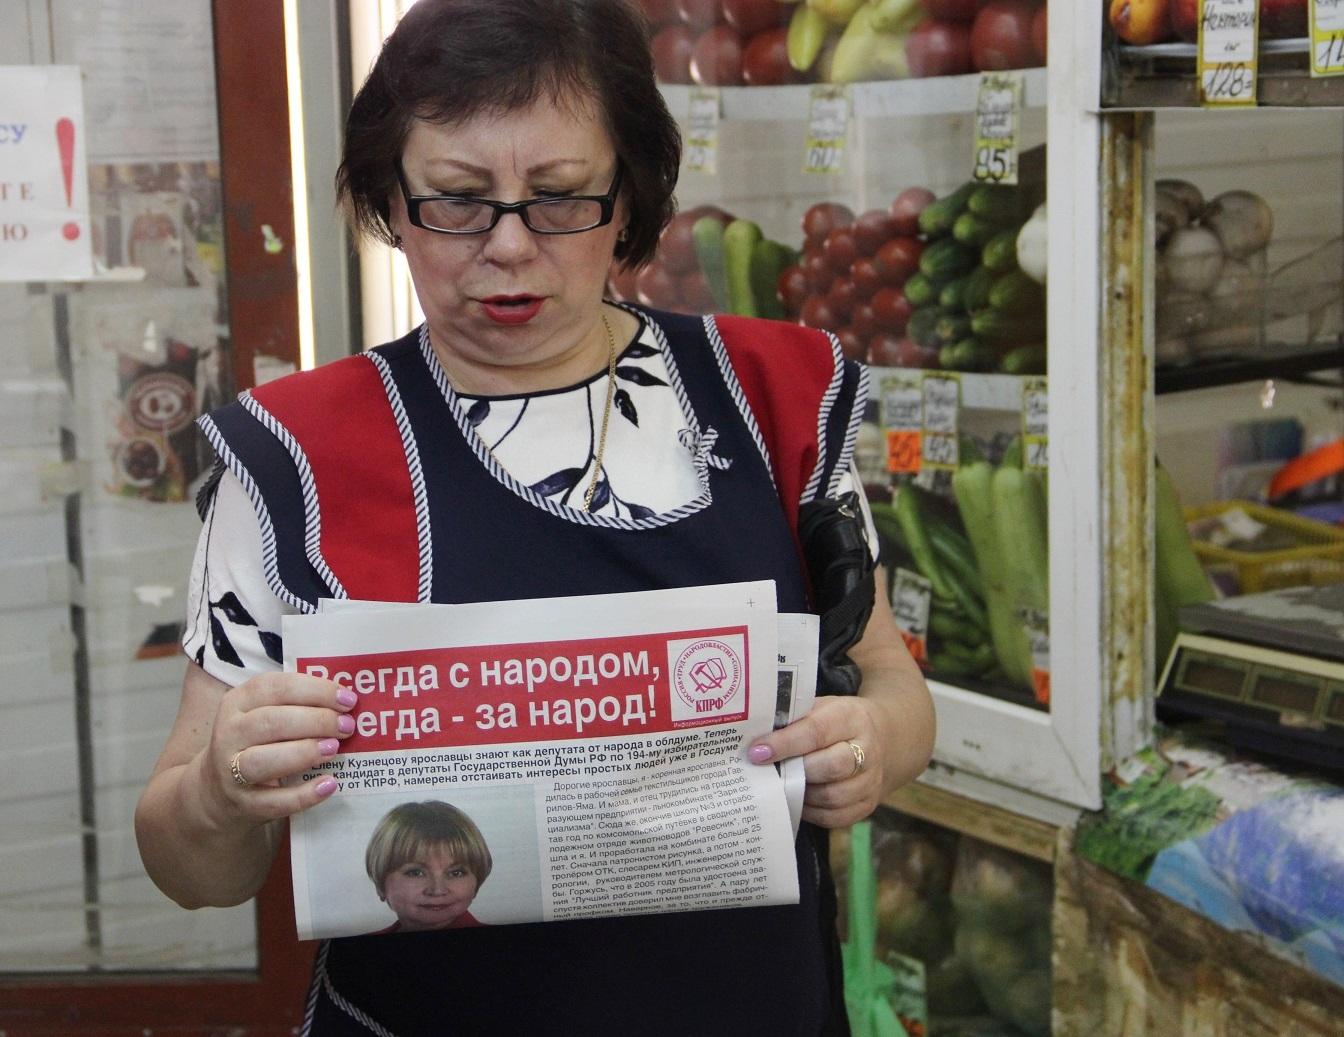 Елену Кузнецову в Брагино знают как народного депутата